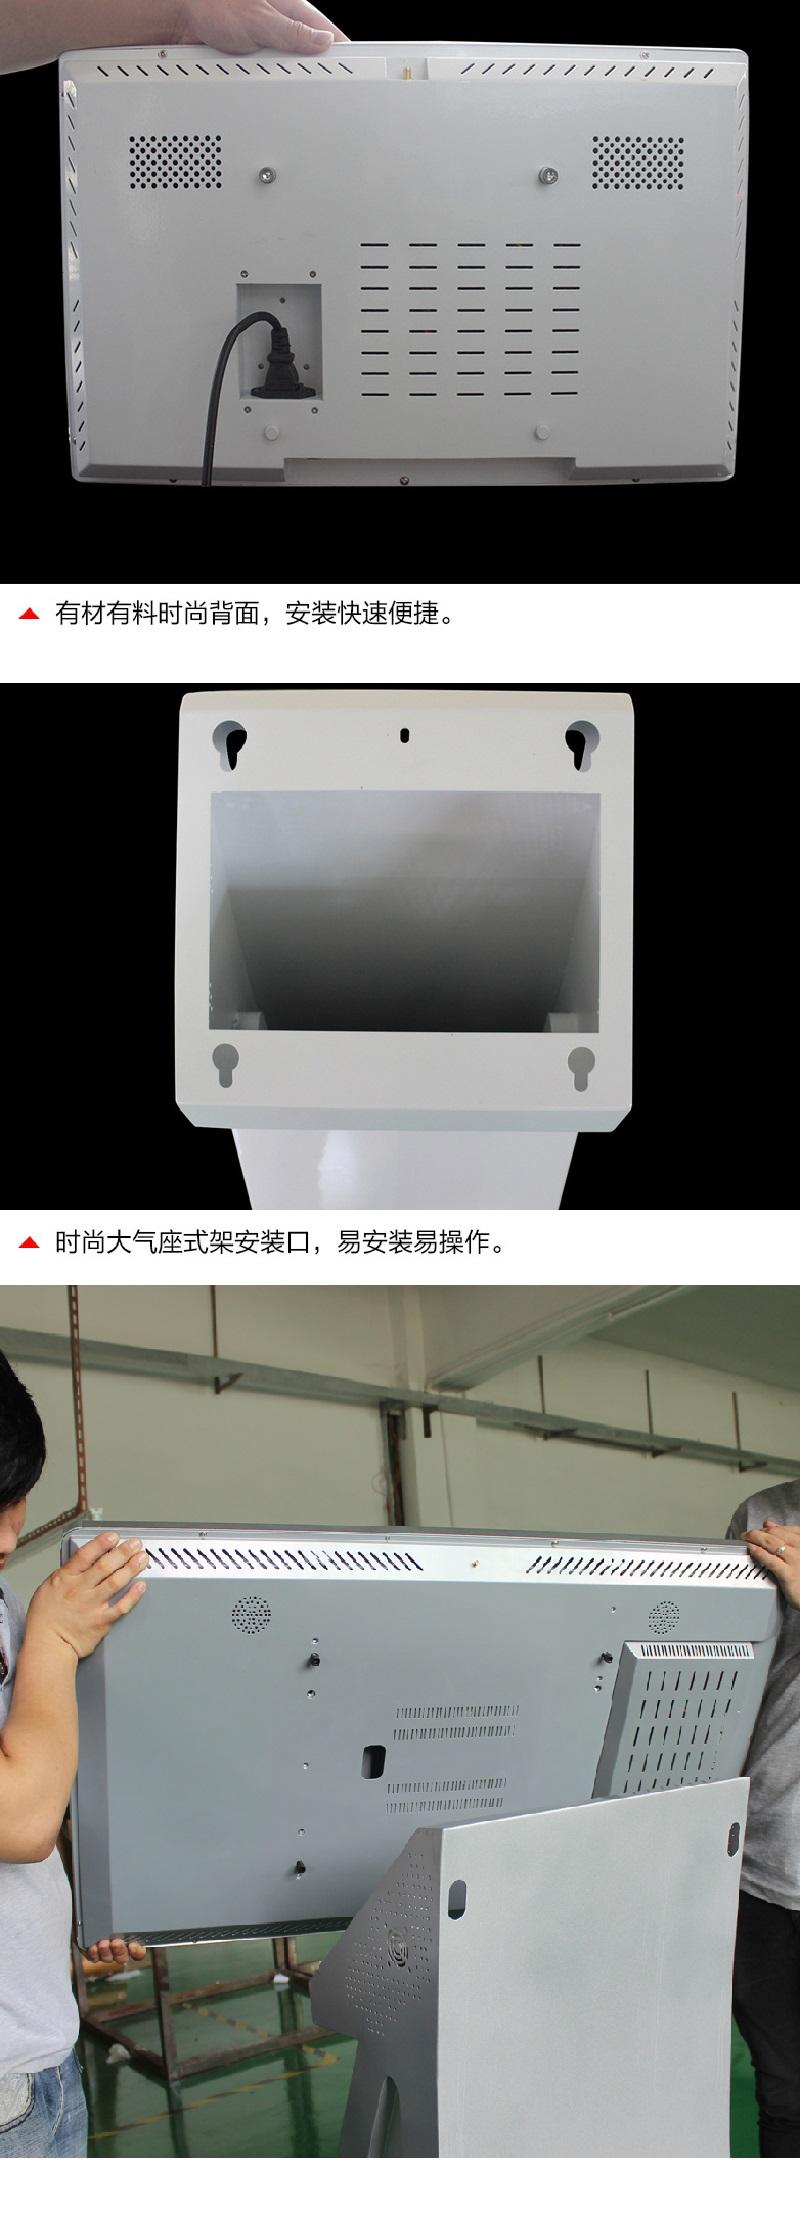 18.5寸卧式电容触摸一体机安卓版安装方法